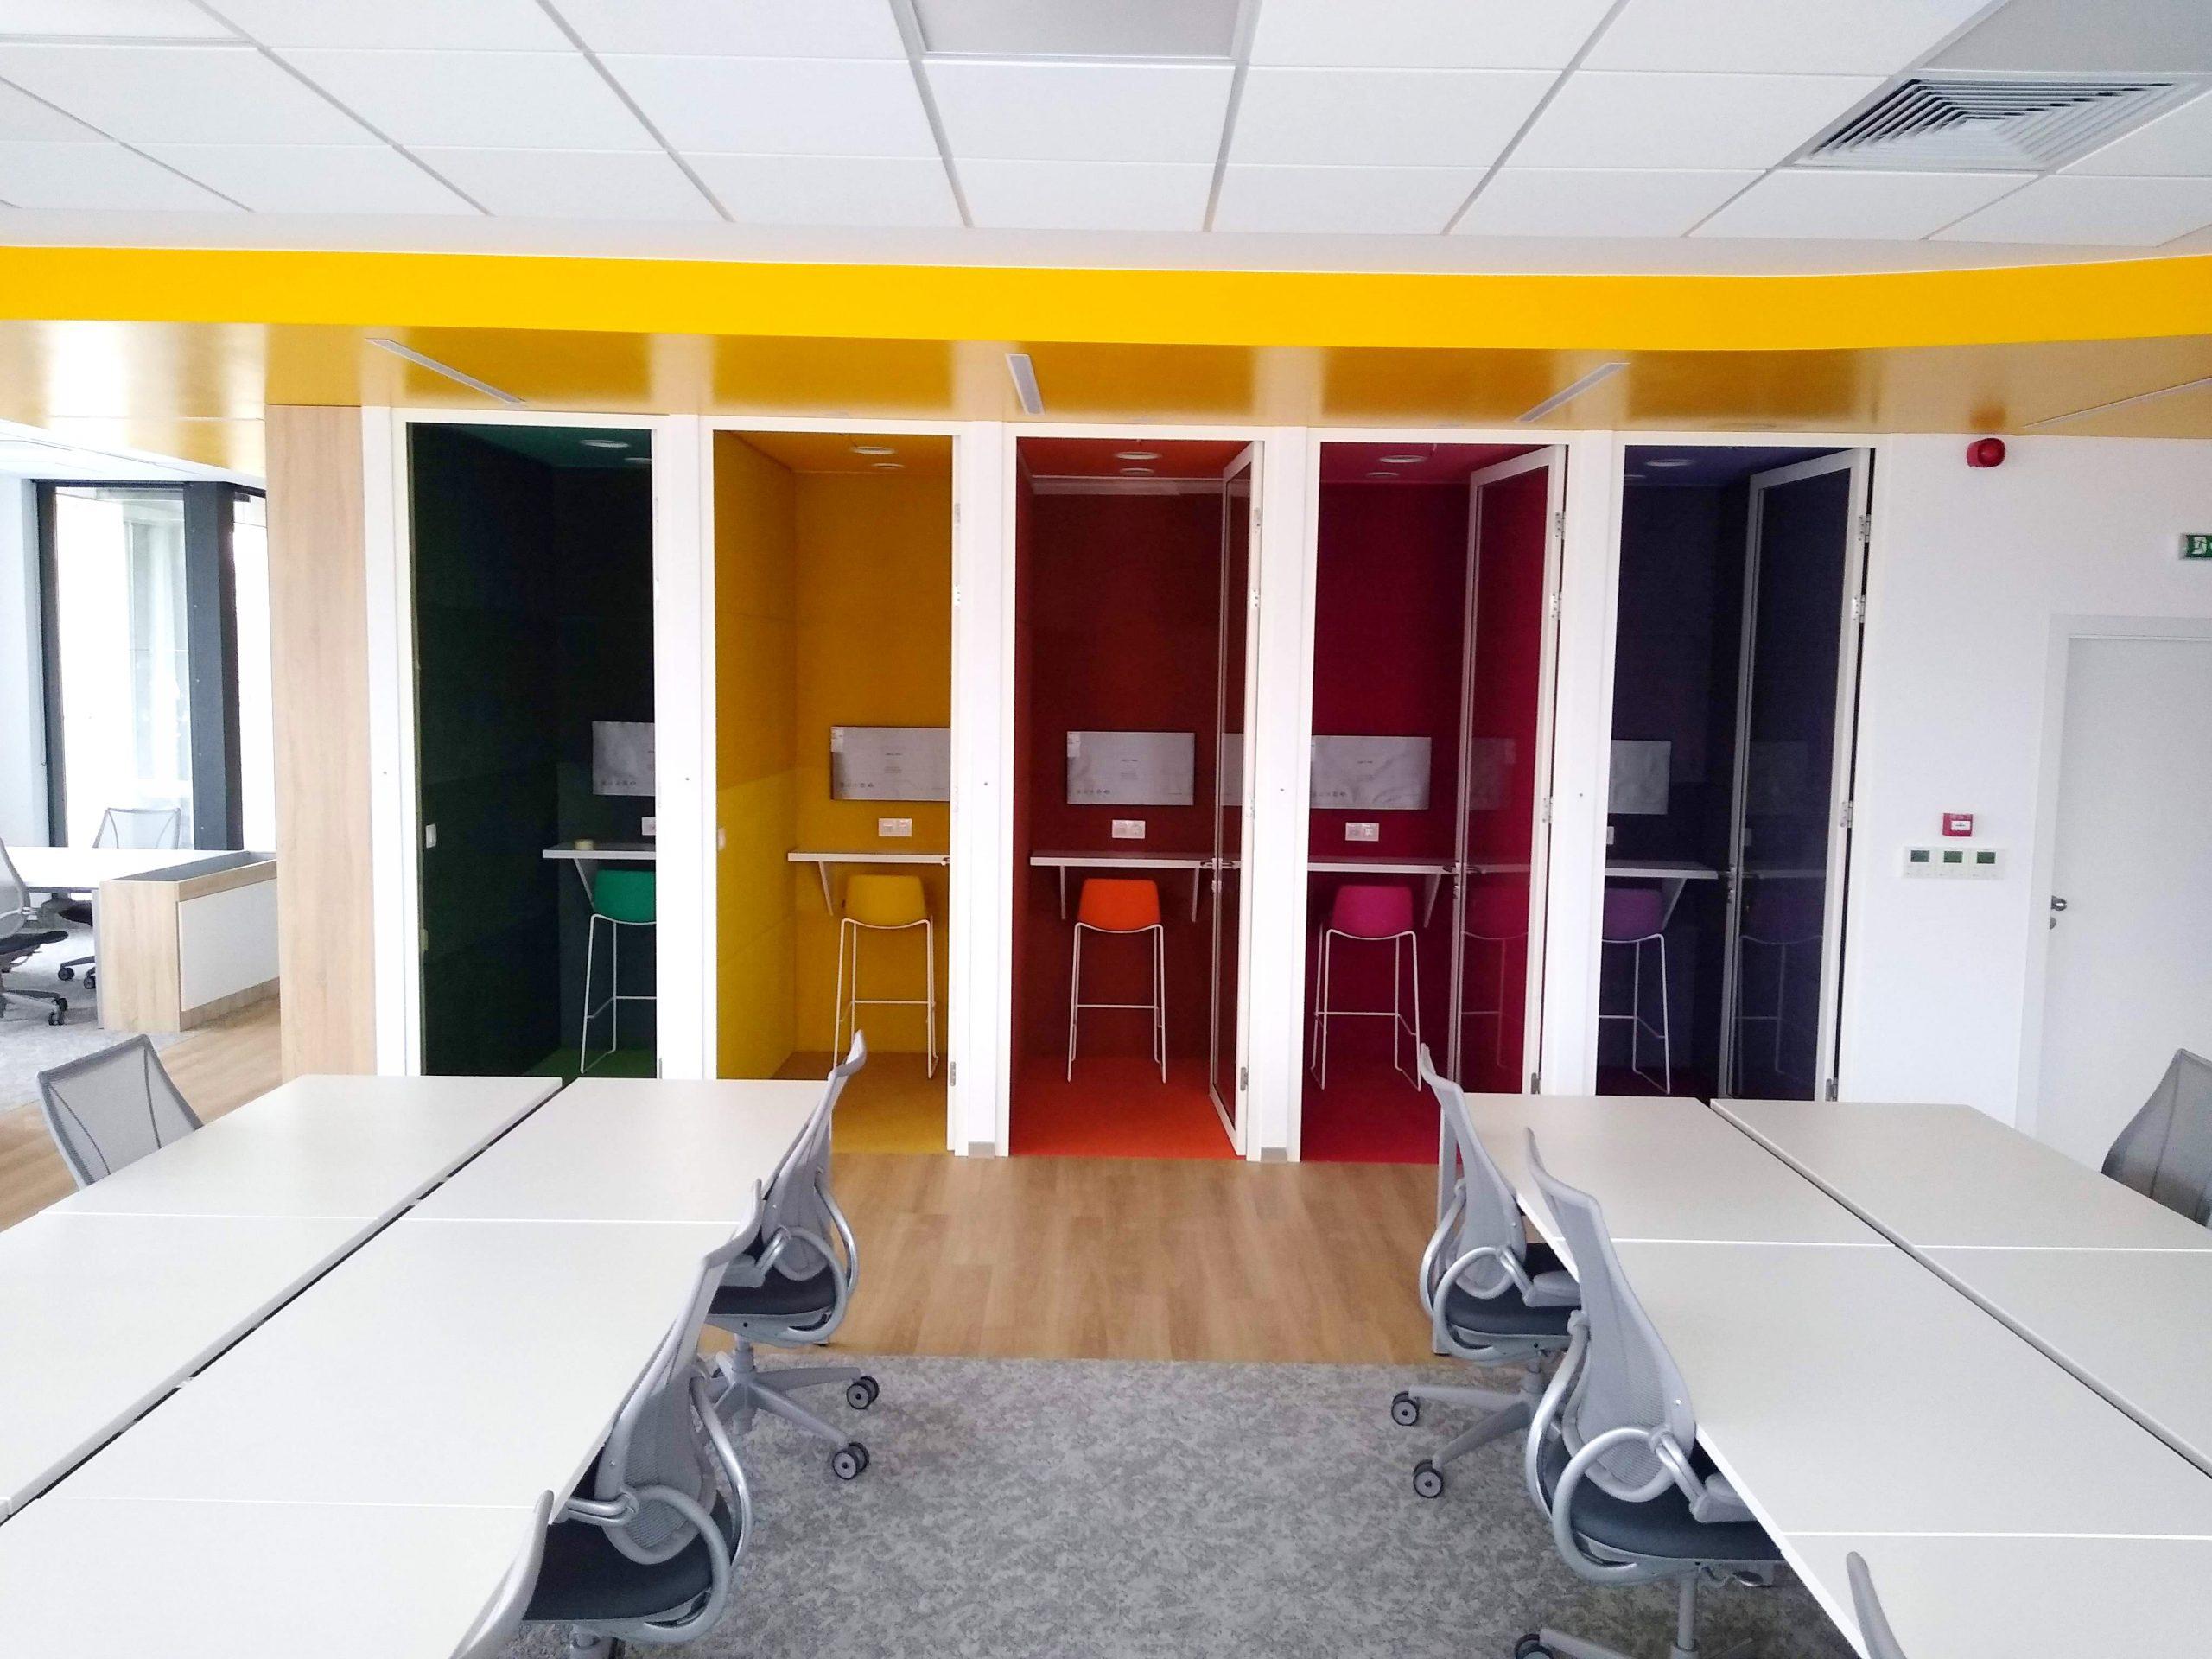 Agile office phone booths